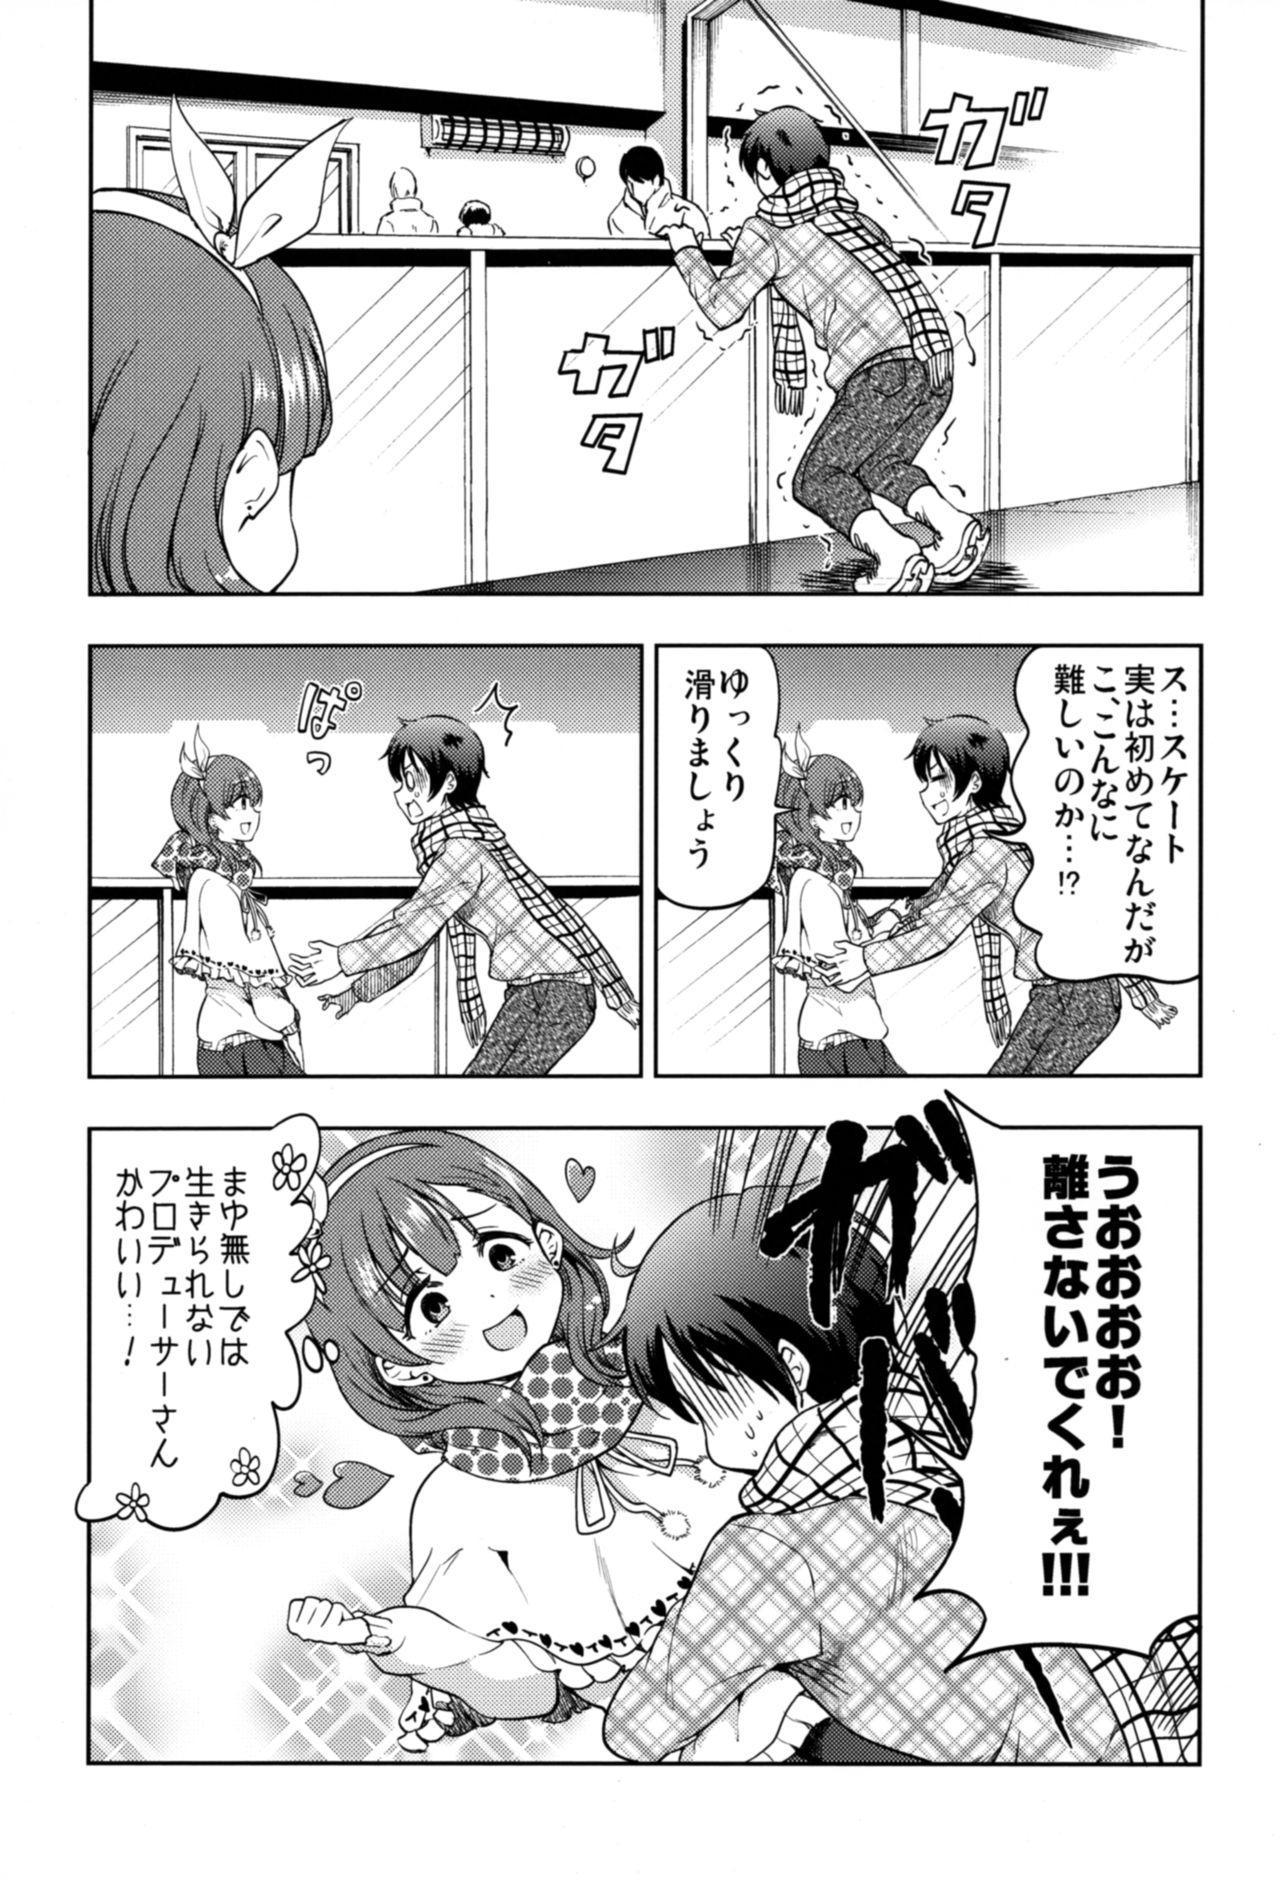 Shiawase na Ketsumatsu 13